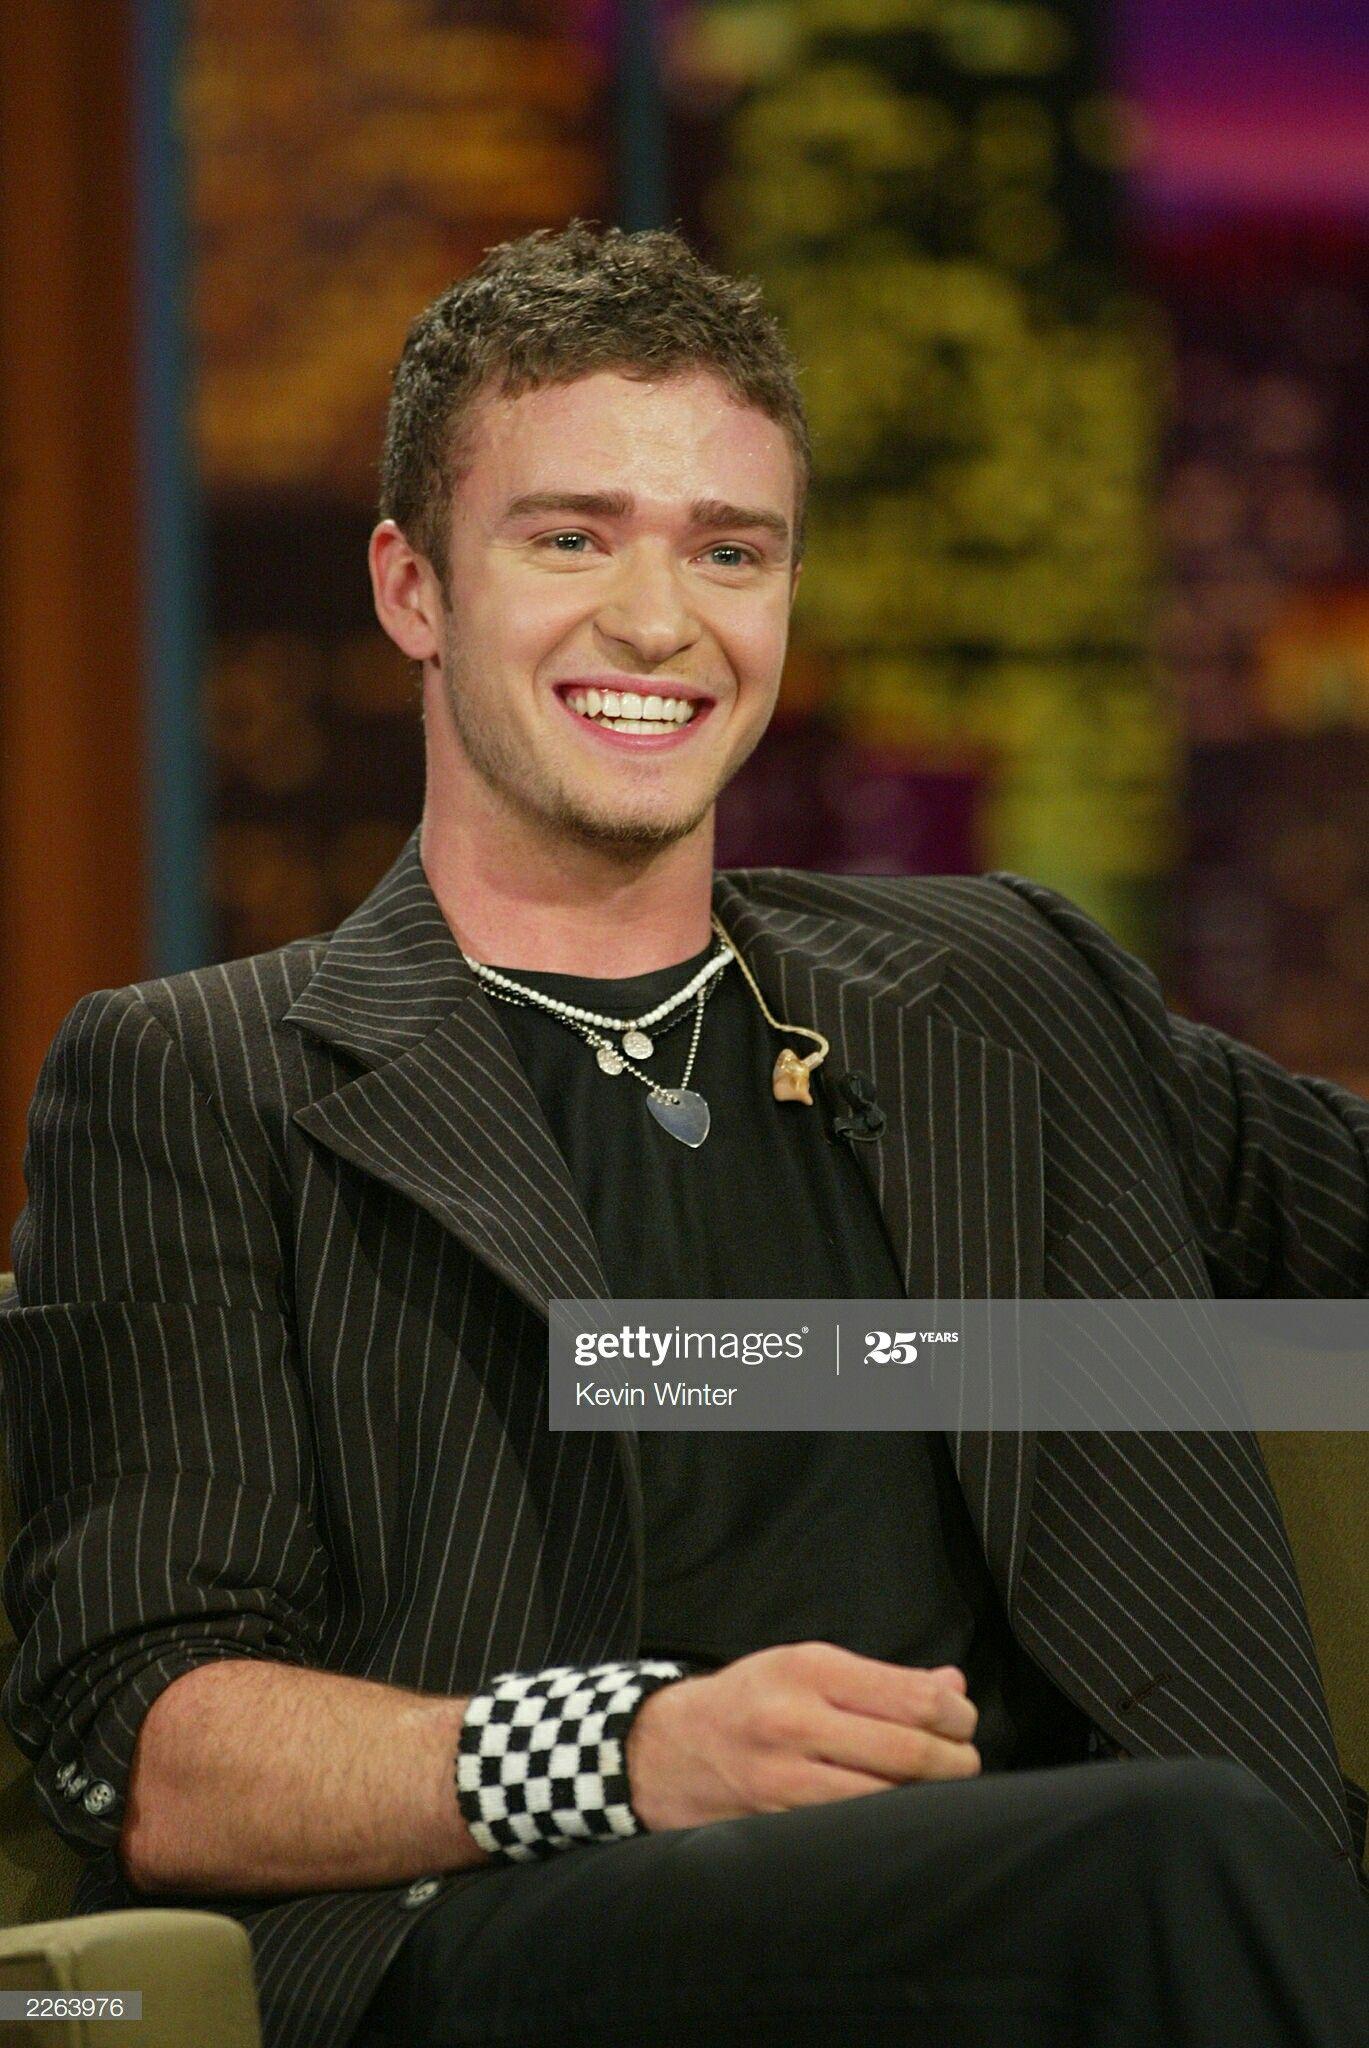 The Tonight Show With Jay Leno Justin Timberlake Justin Timberlake Justin Timberlake Justified Royalty Free Stock Photos